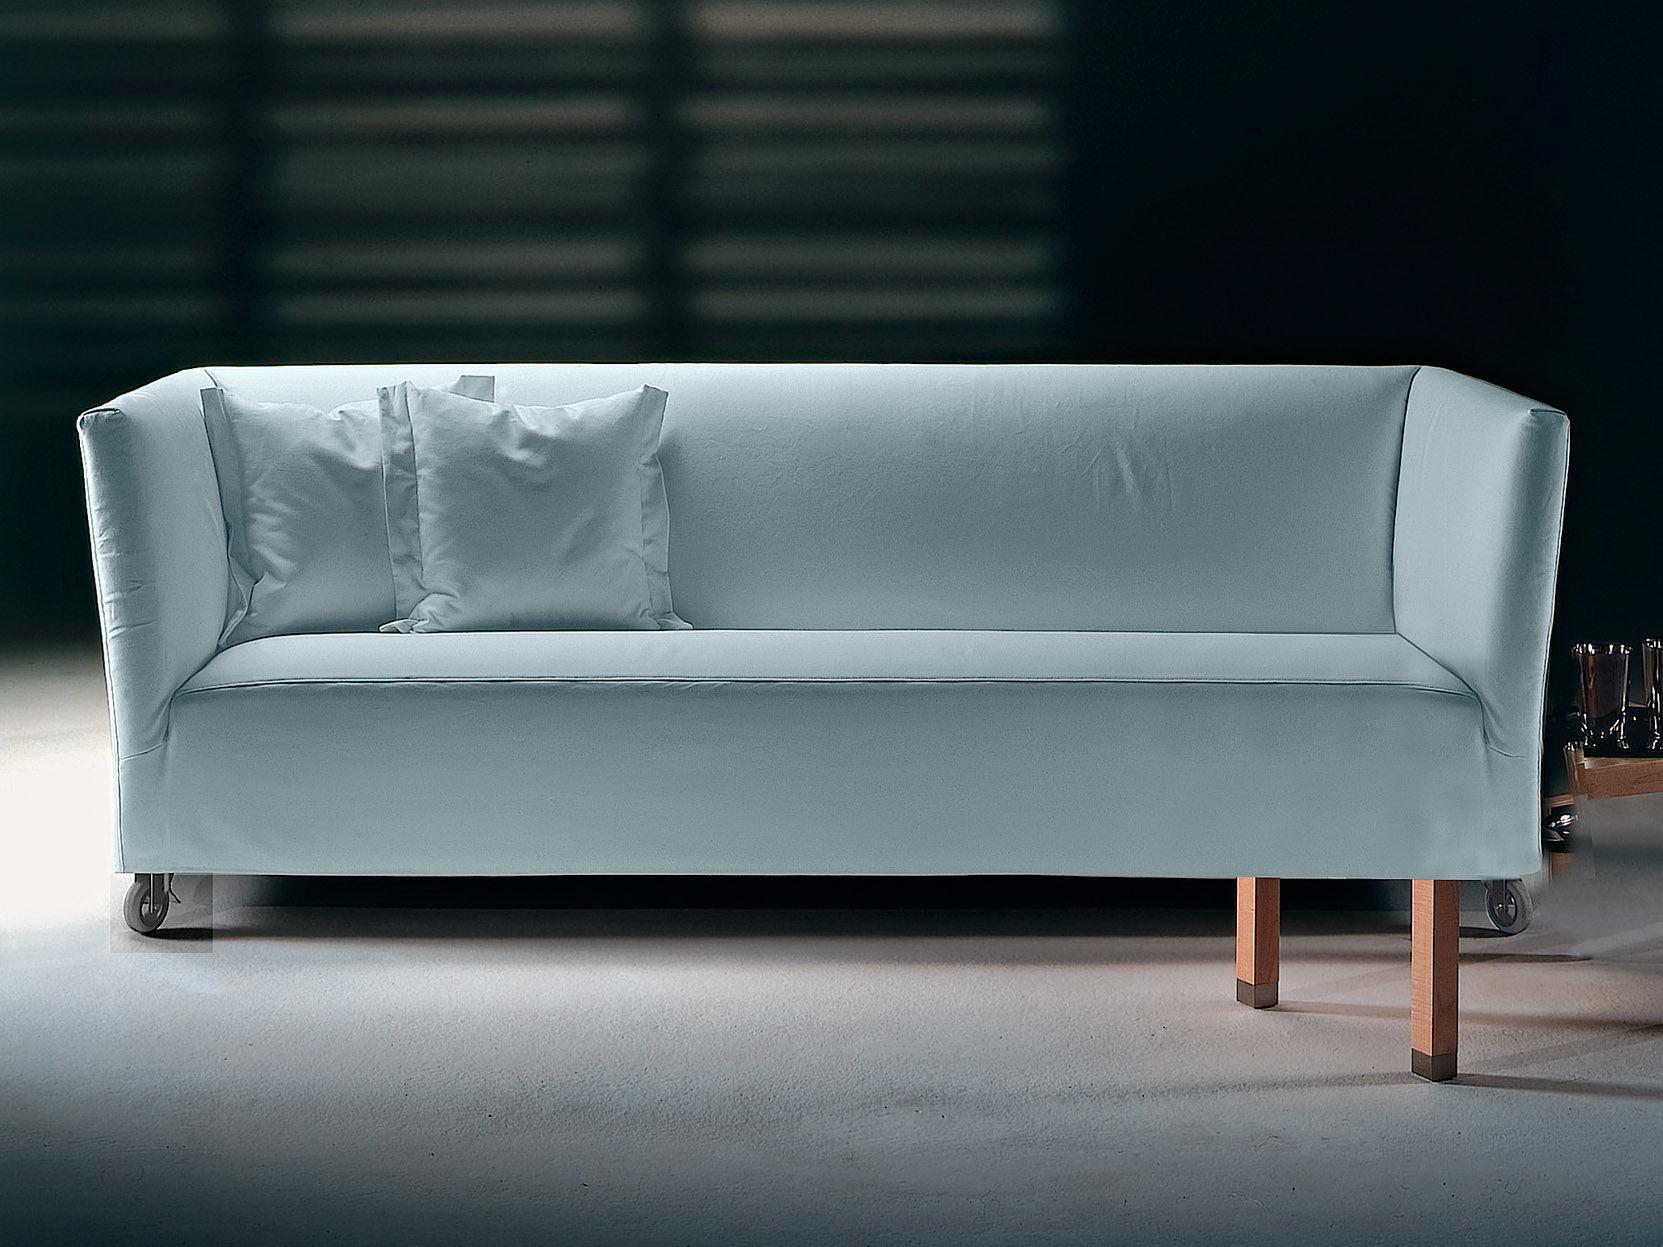 wohnen wie gott in frankreich zuhause wohnen. Black Bedroom Furniture Sets. Home Design Ideas